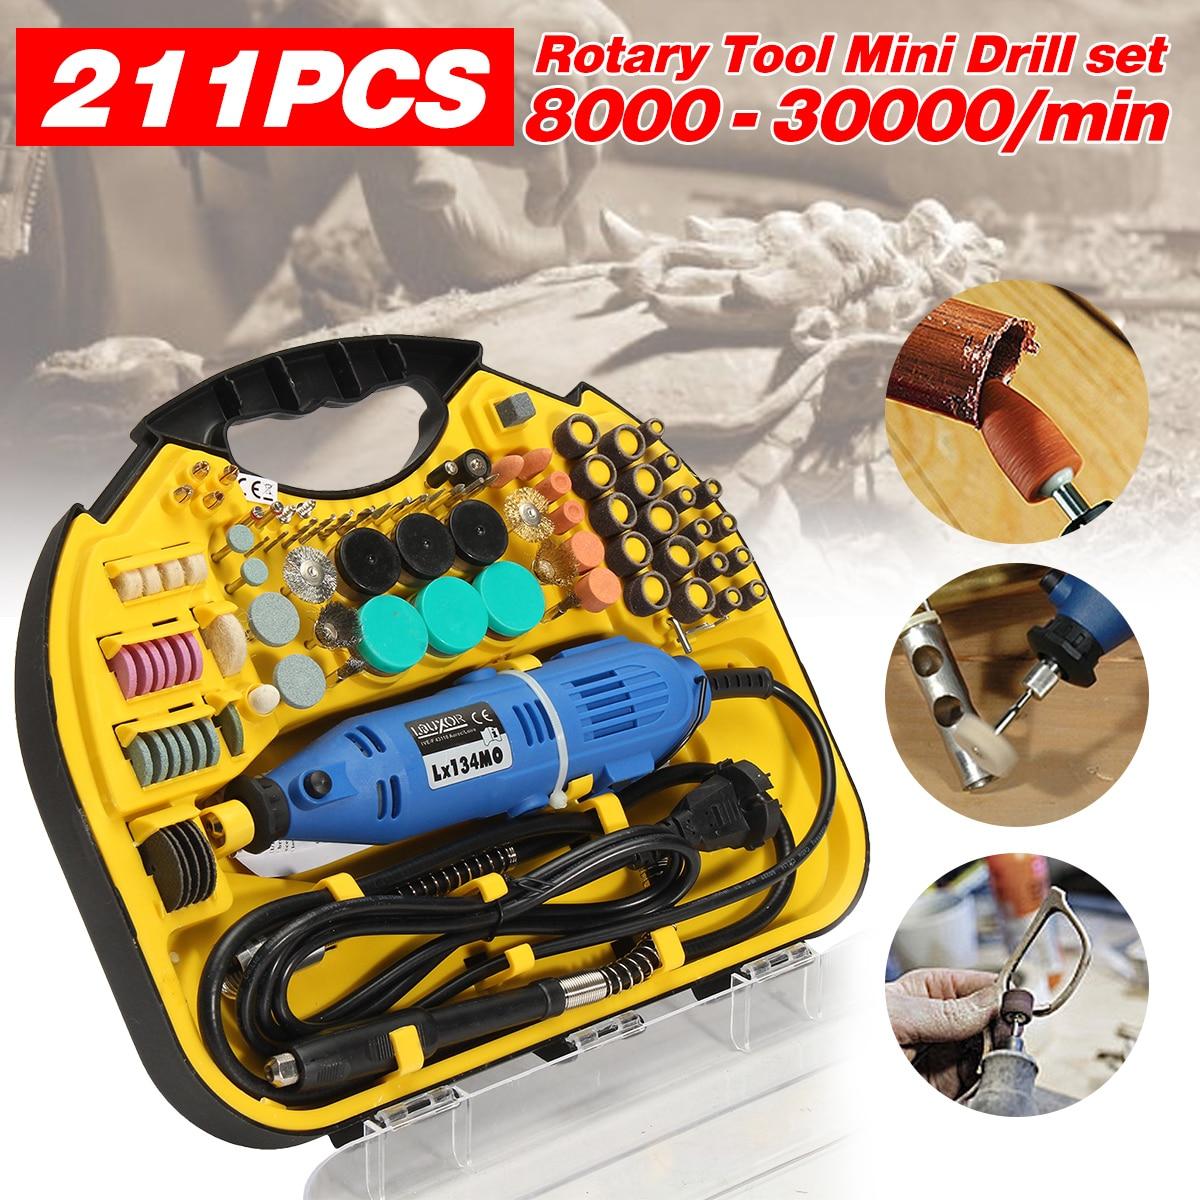 220V/110V 50-60Hz US Plug 211Pcs Electric Rotary Drill Grinder Engraver Sander Polisher DIY Craft Tool Set Cable Length 1.8m